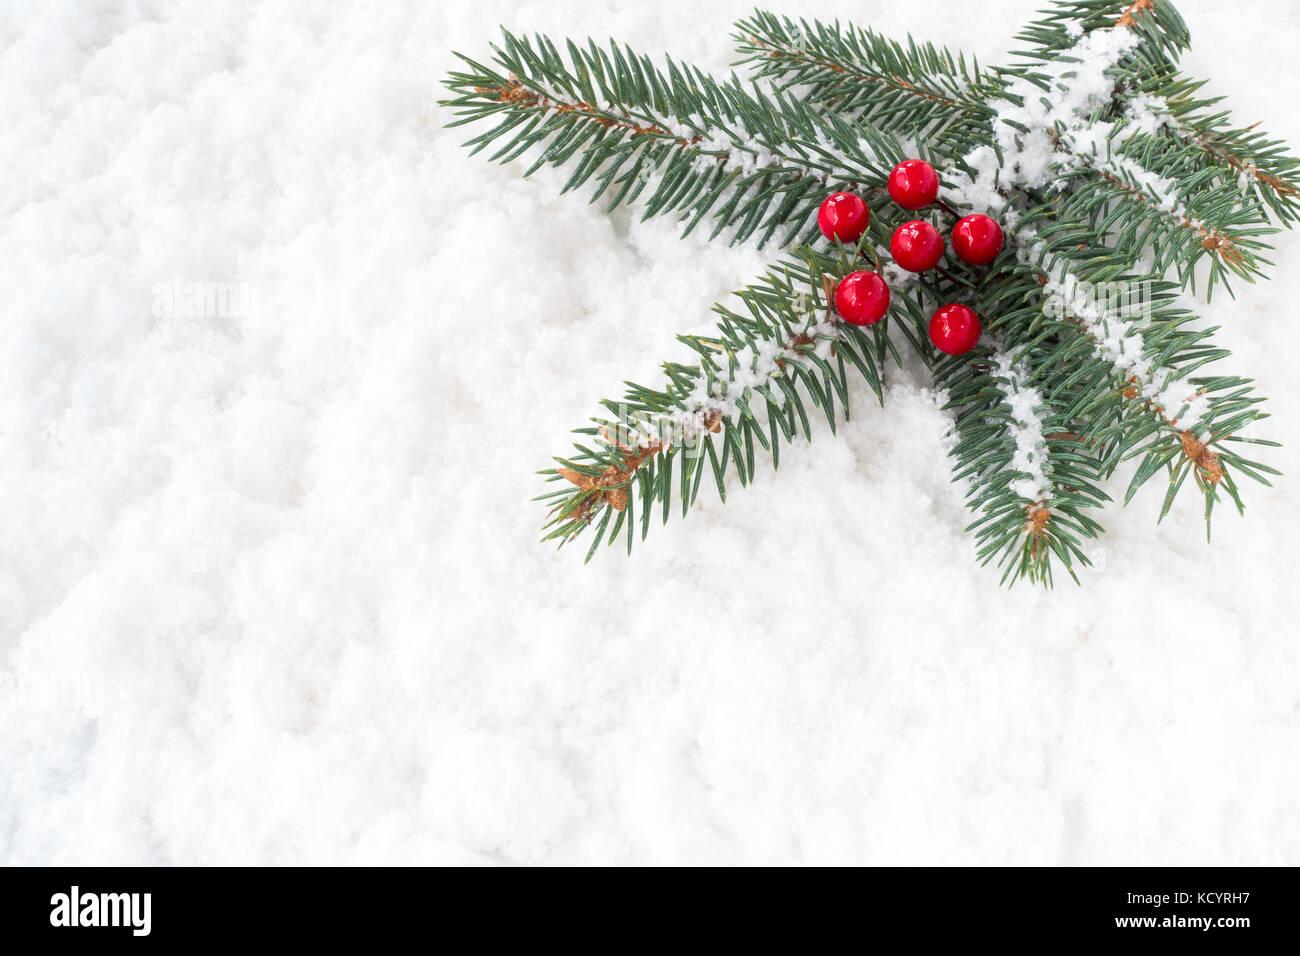 Weihnachtsbaum Fällen.Weihnachtsbaum Tanne Zweig Mit Roten Stechpalme Beeren Mit